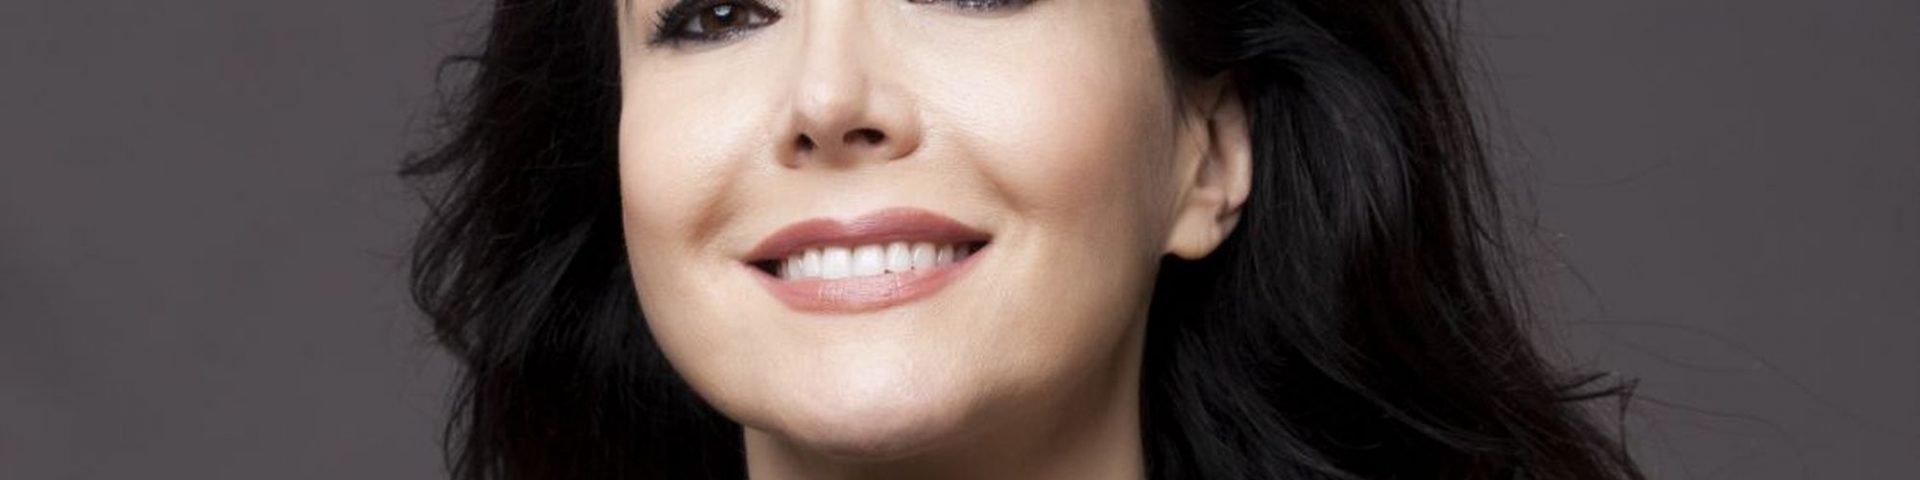 """Silvia Nair: """"Vi presento il mio album poetico, ma anche esplosivo e potente"""" (Video)"""